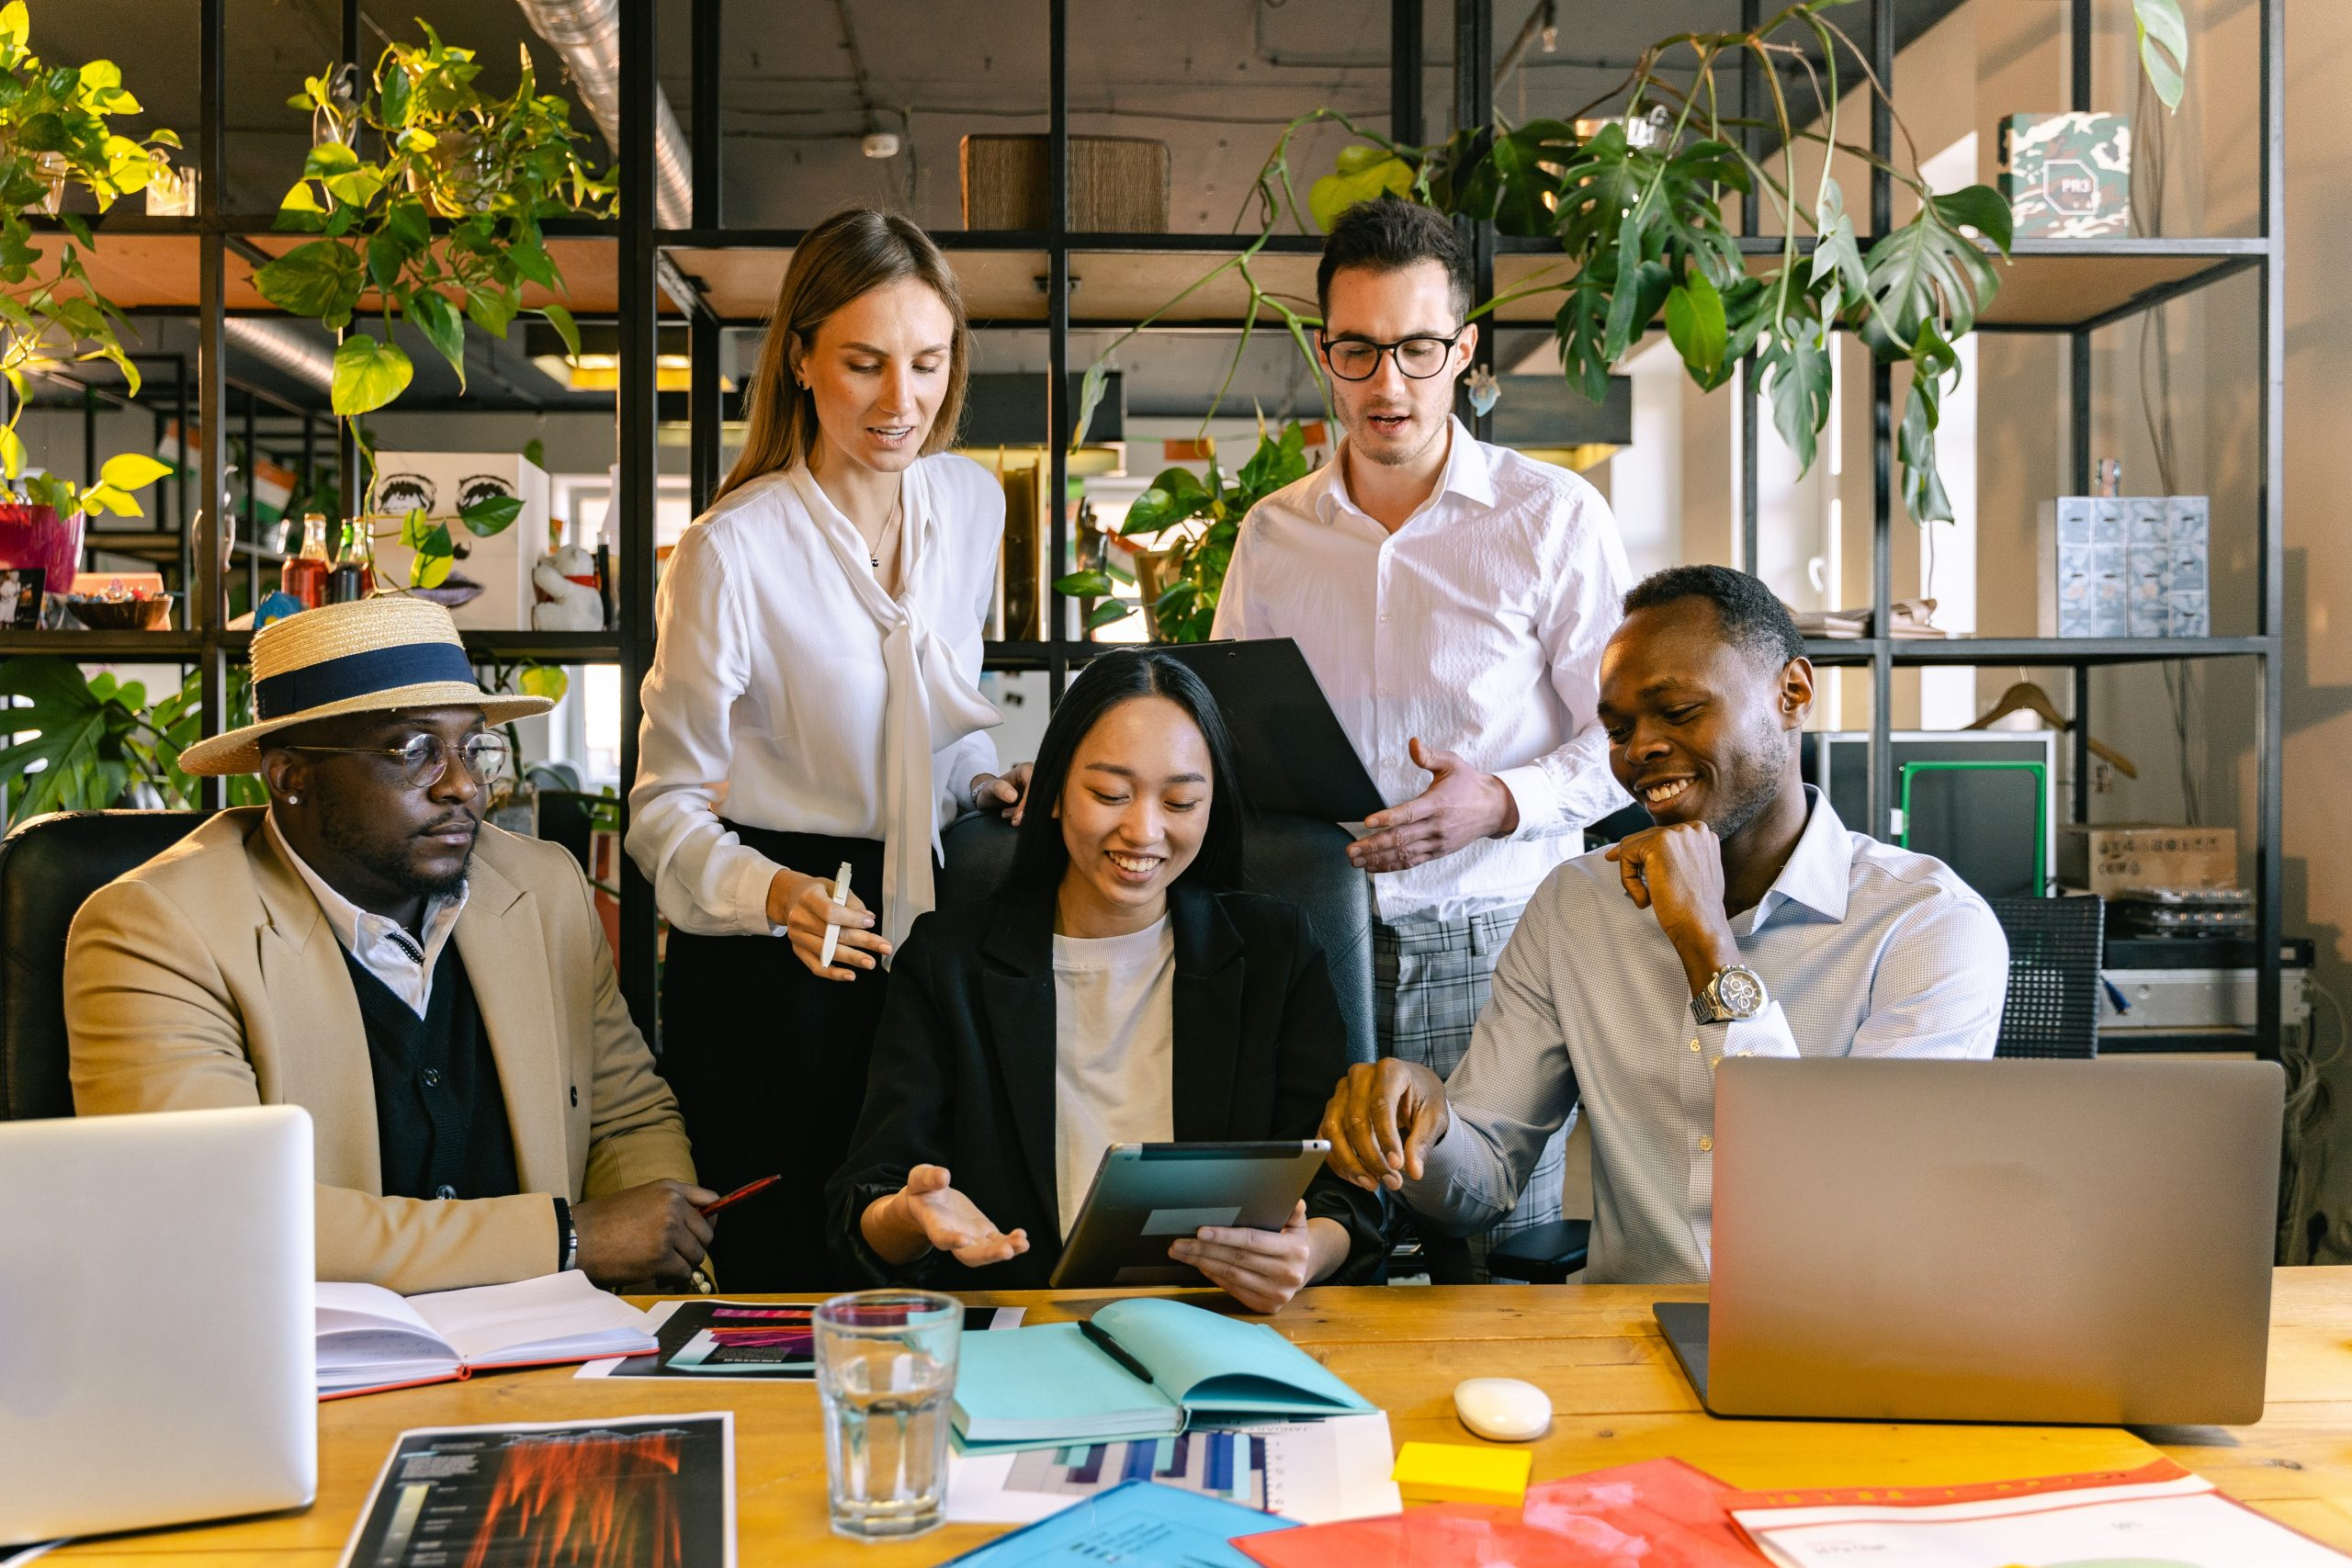 diversity team arbeitet zusammen